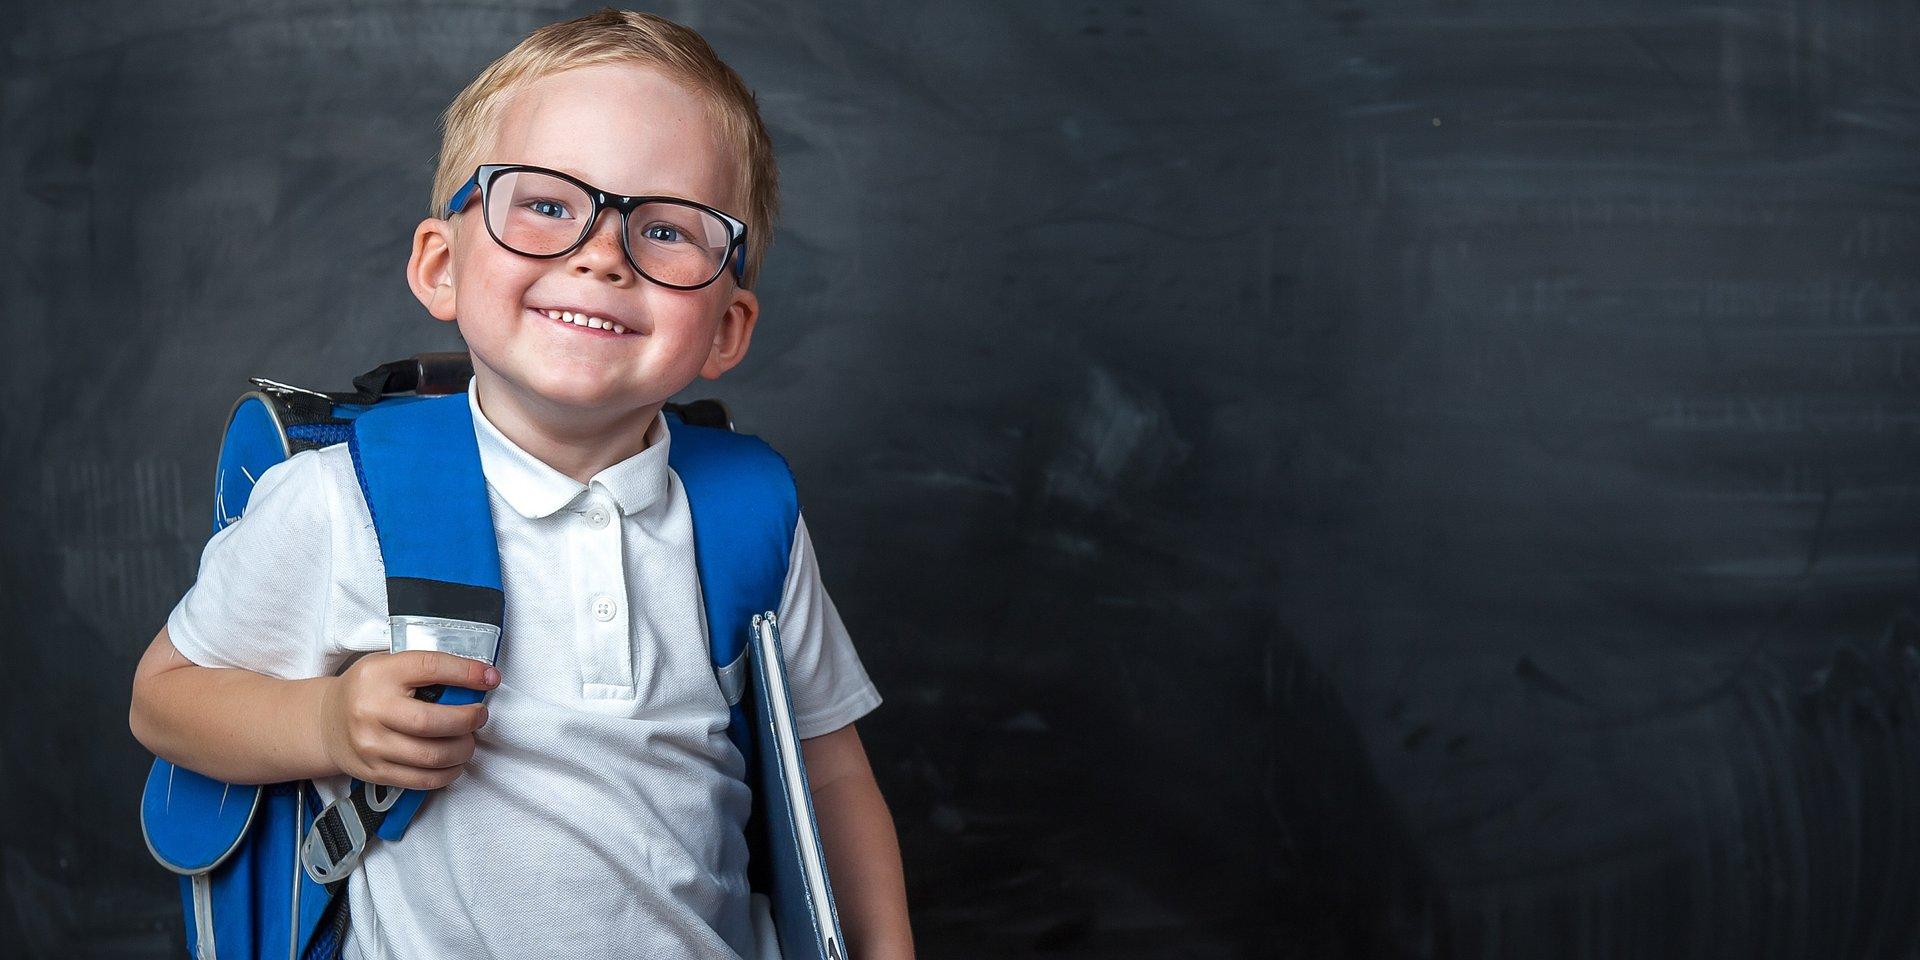 Ciężki powrót dzieci do szkół? Psycholog wyjaśnia, jak pomóc naszym pociechom